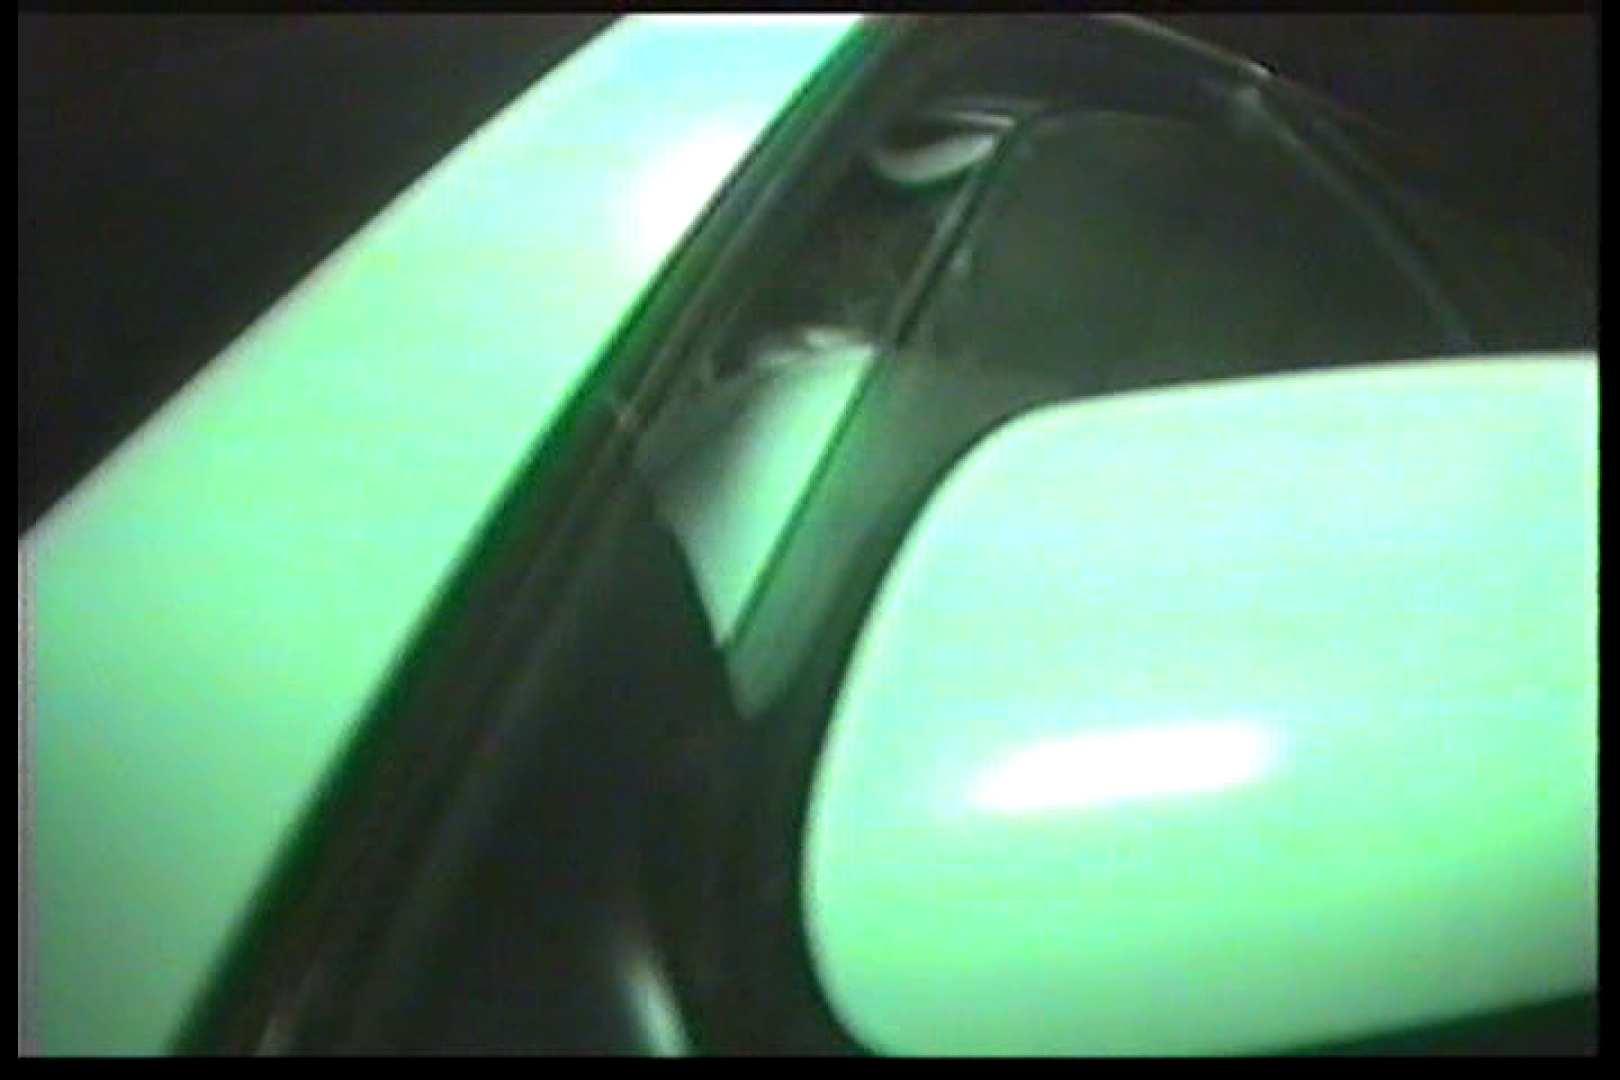 カーセックス未編集・無修正版 Vol.9後編 赤外線 盗み撮りAV無料動画キャプチャ 109画像 46